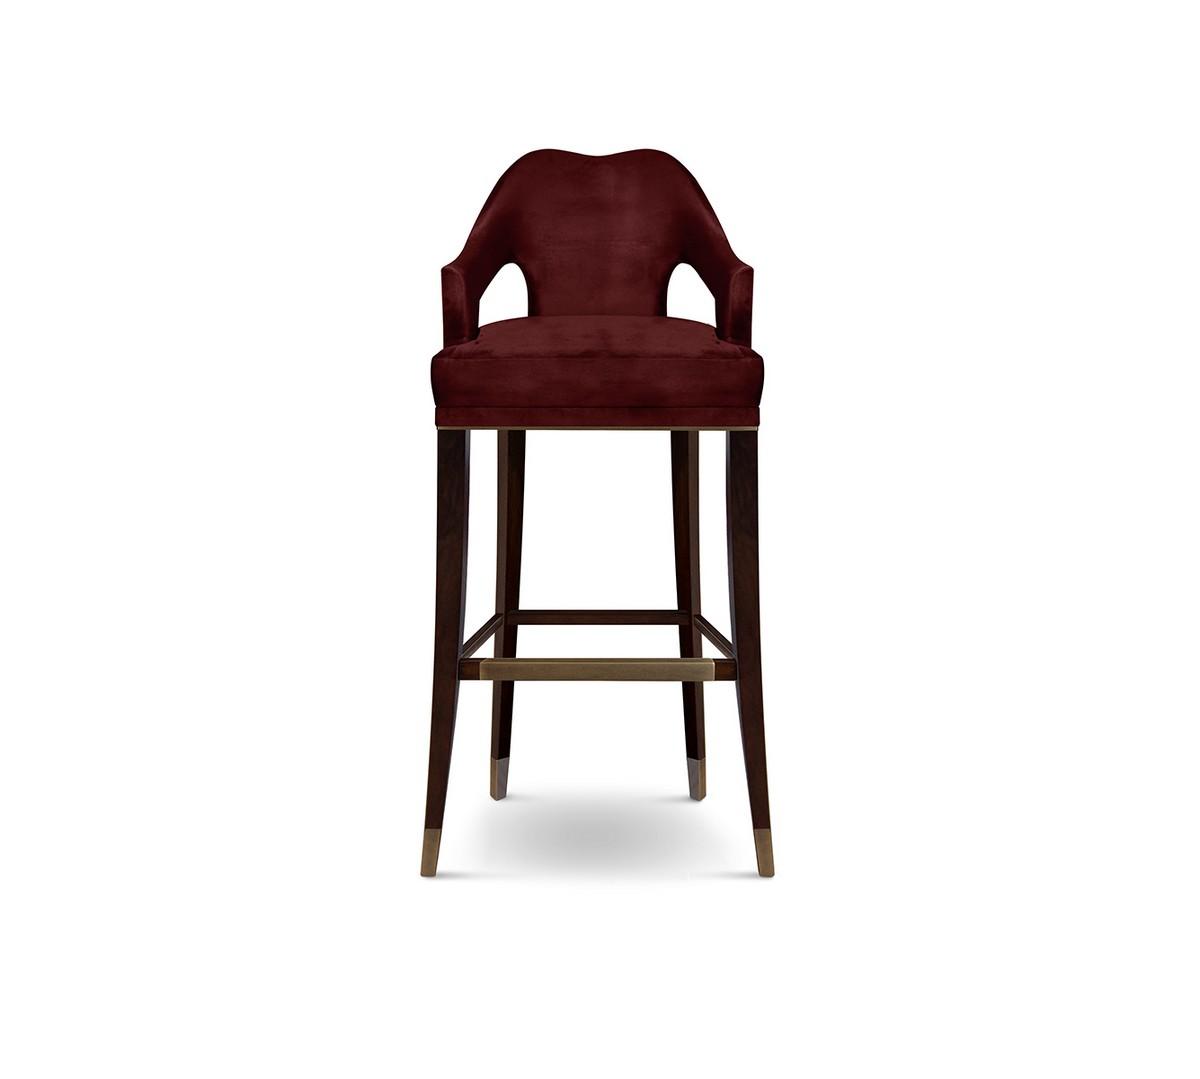 Top Contemporary Bar Stools contemporary bar stools Top Contemporary Bar Stools n202